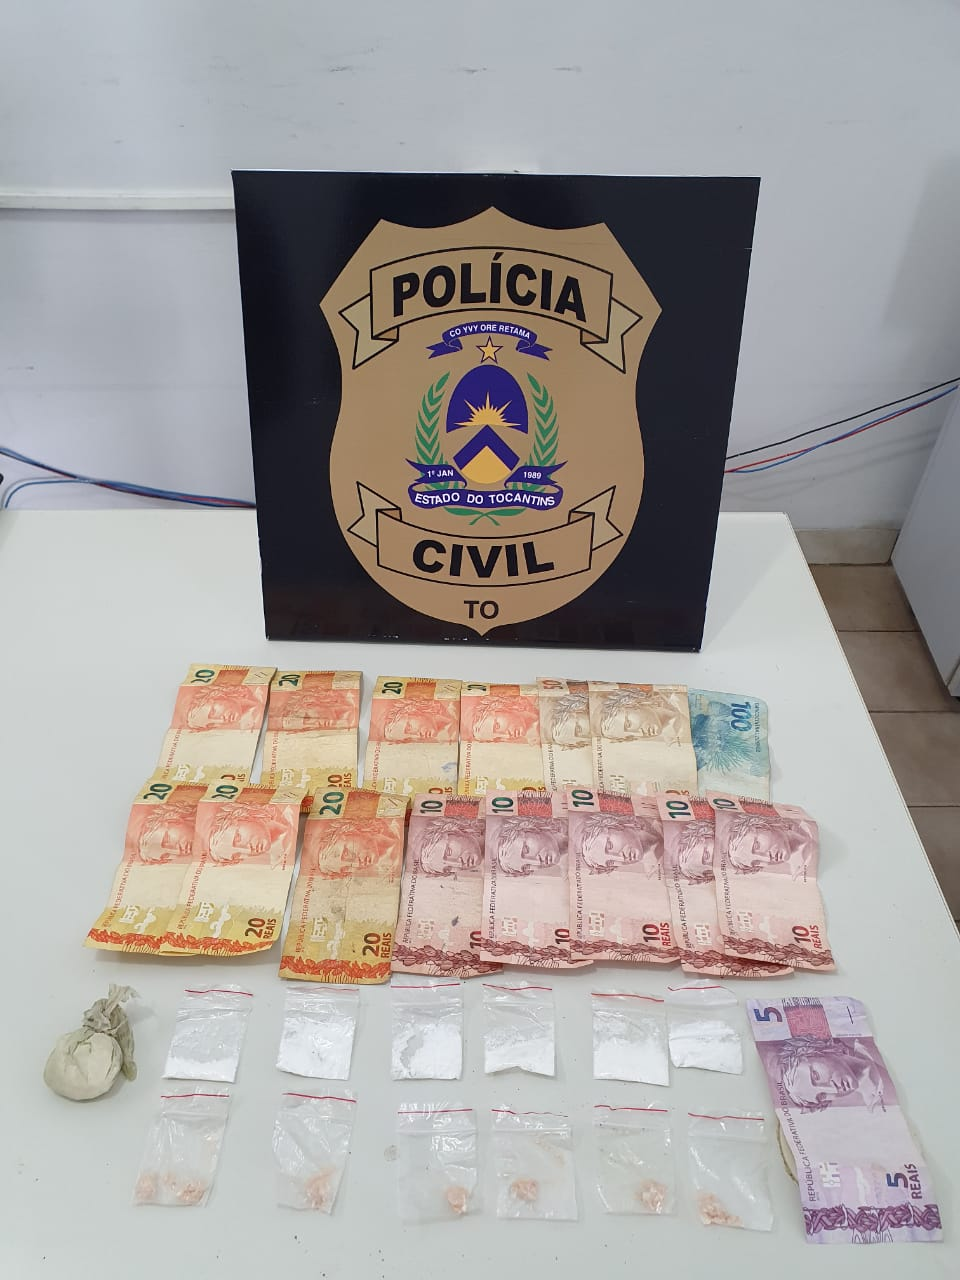 Adolescente suspeito de pratica atos infracionais diversos é apreendido pela Polícia Civil em Araguatins